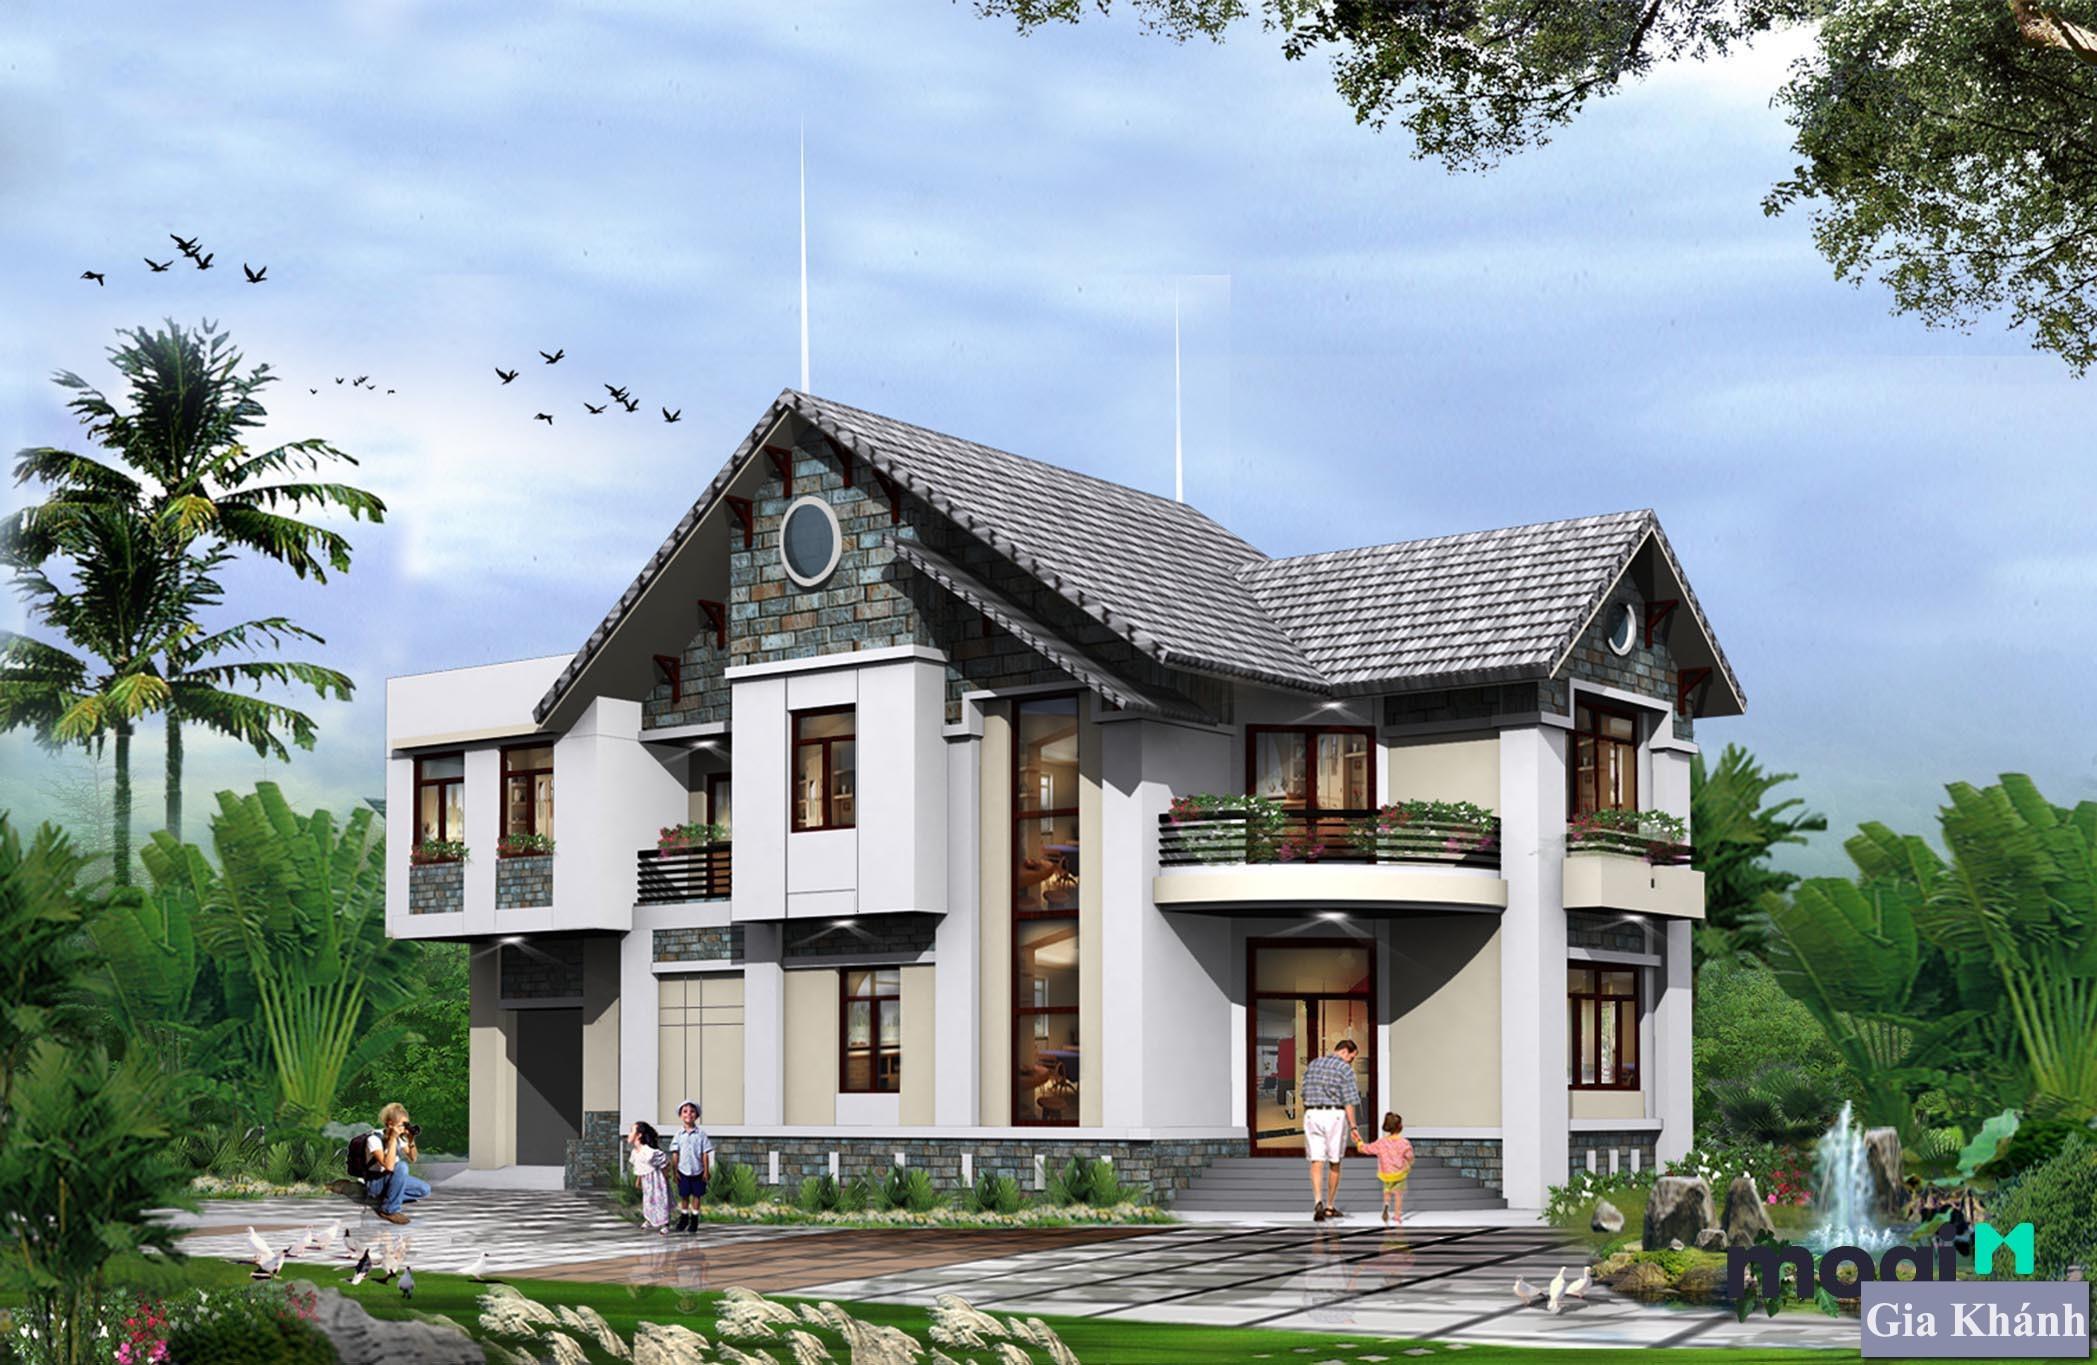 Các Quy trình xây nhà biệt thự, Villa như thế nào?